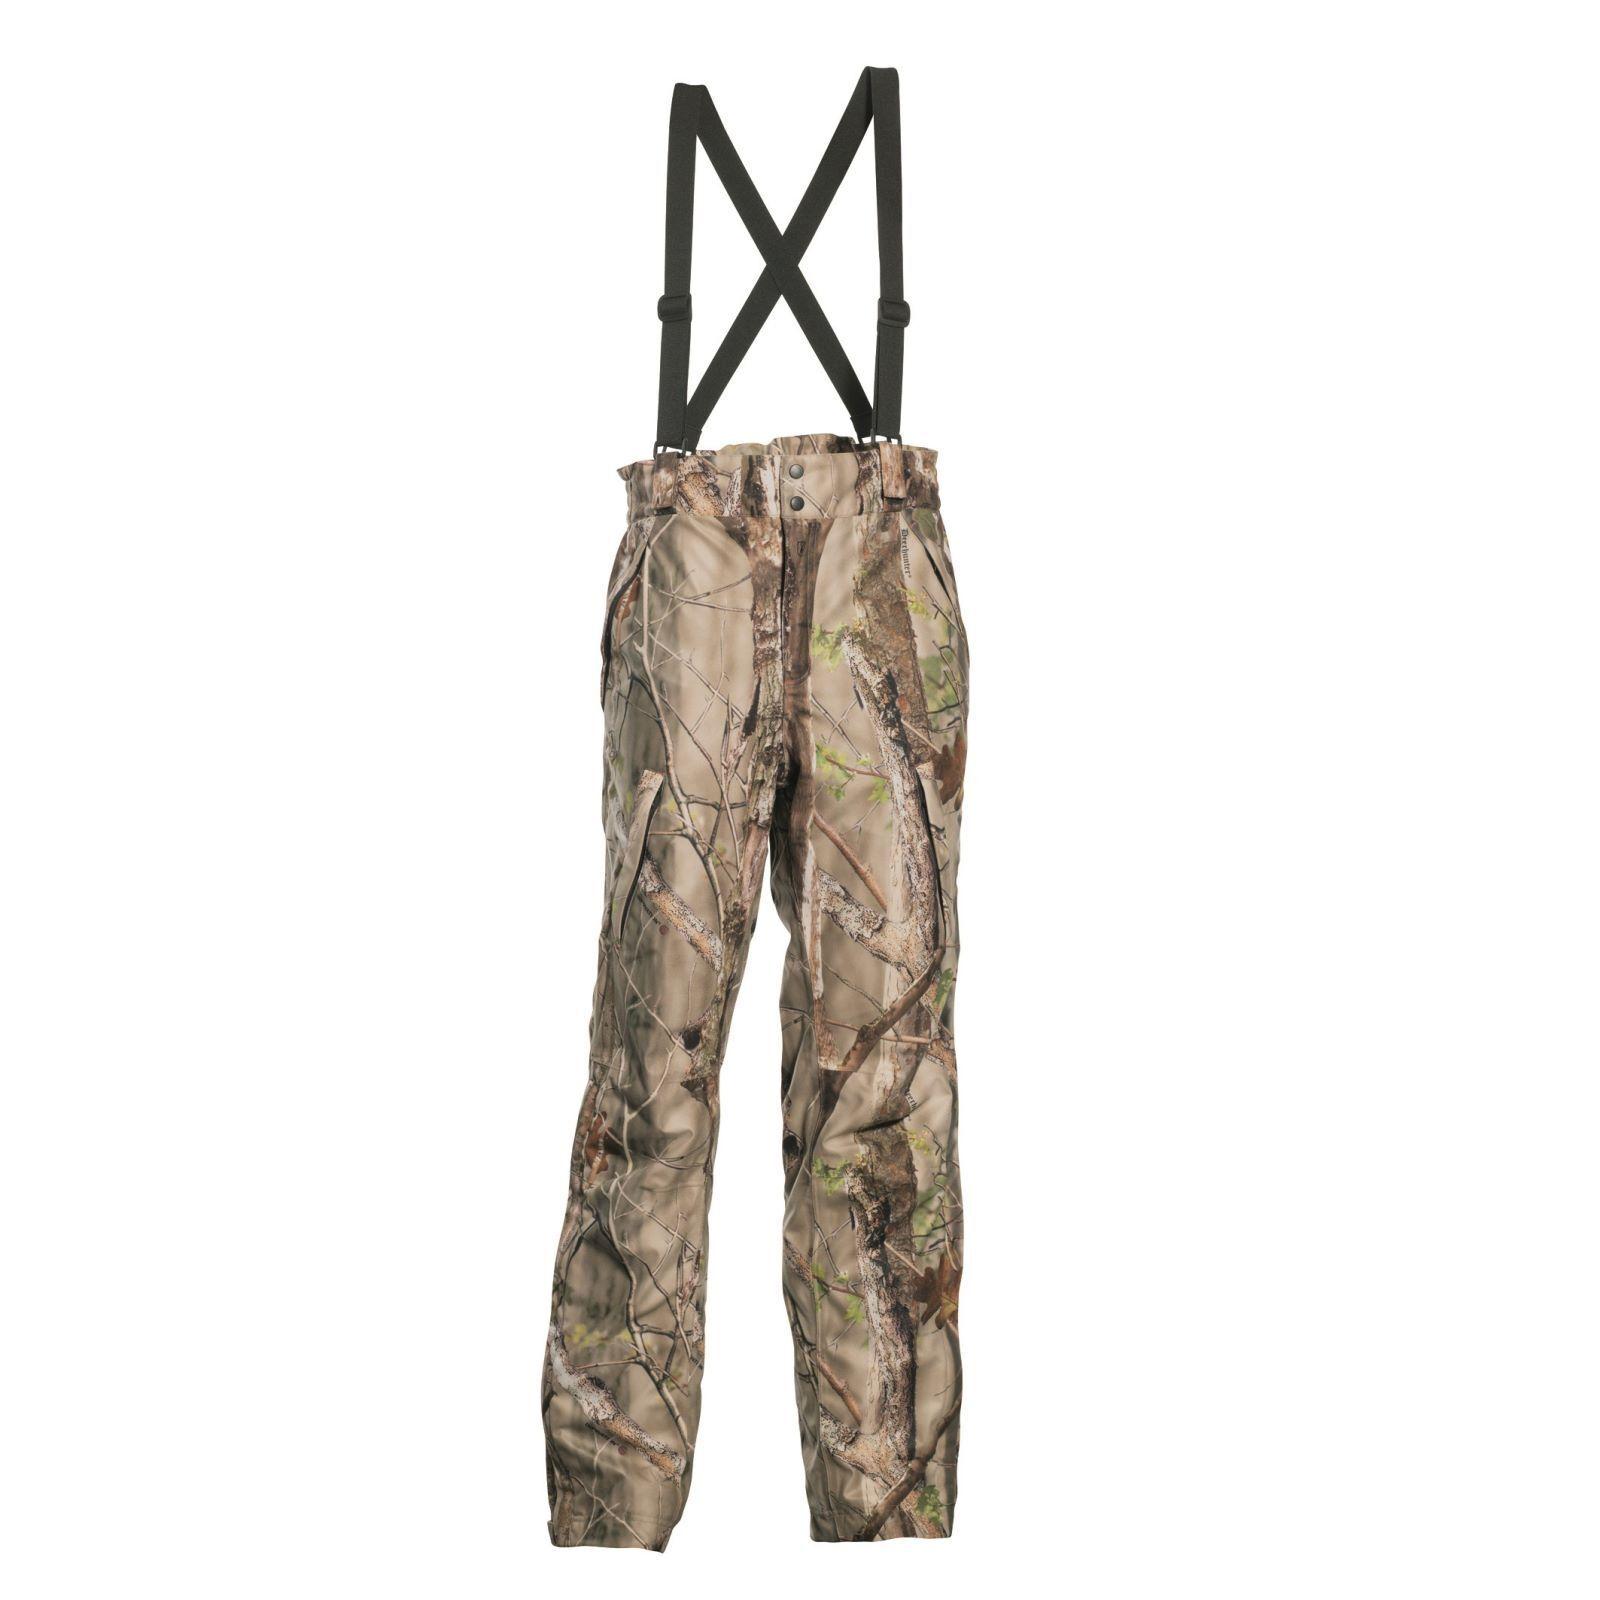 Deerhunter 3041 Cheaha caza pantalones paintball tarnColor 50-innovación GH camo talla L